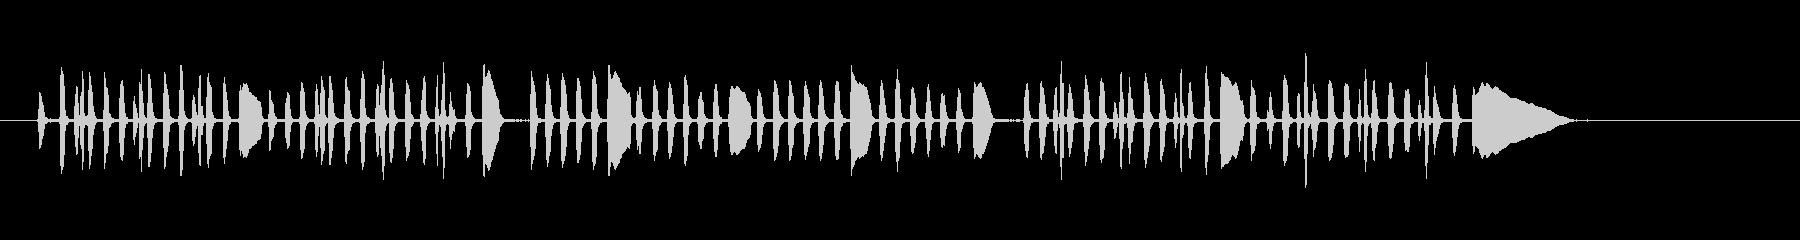 ビューグルレヴェイユ-軍事、ビュー...の未再生の波形